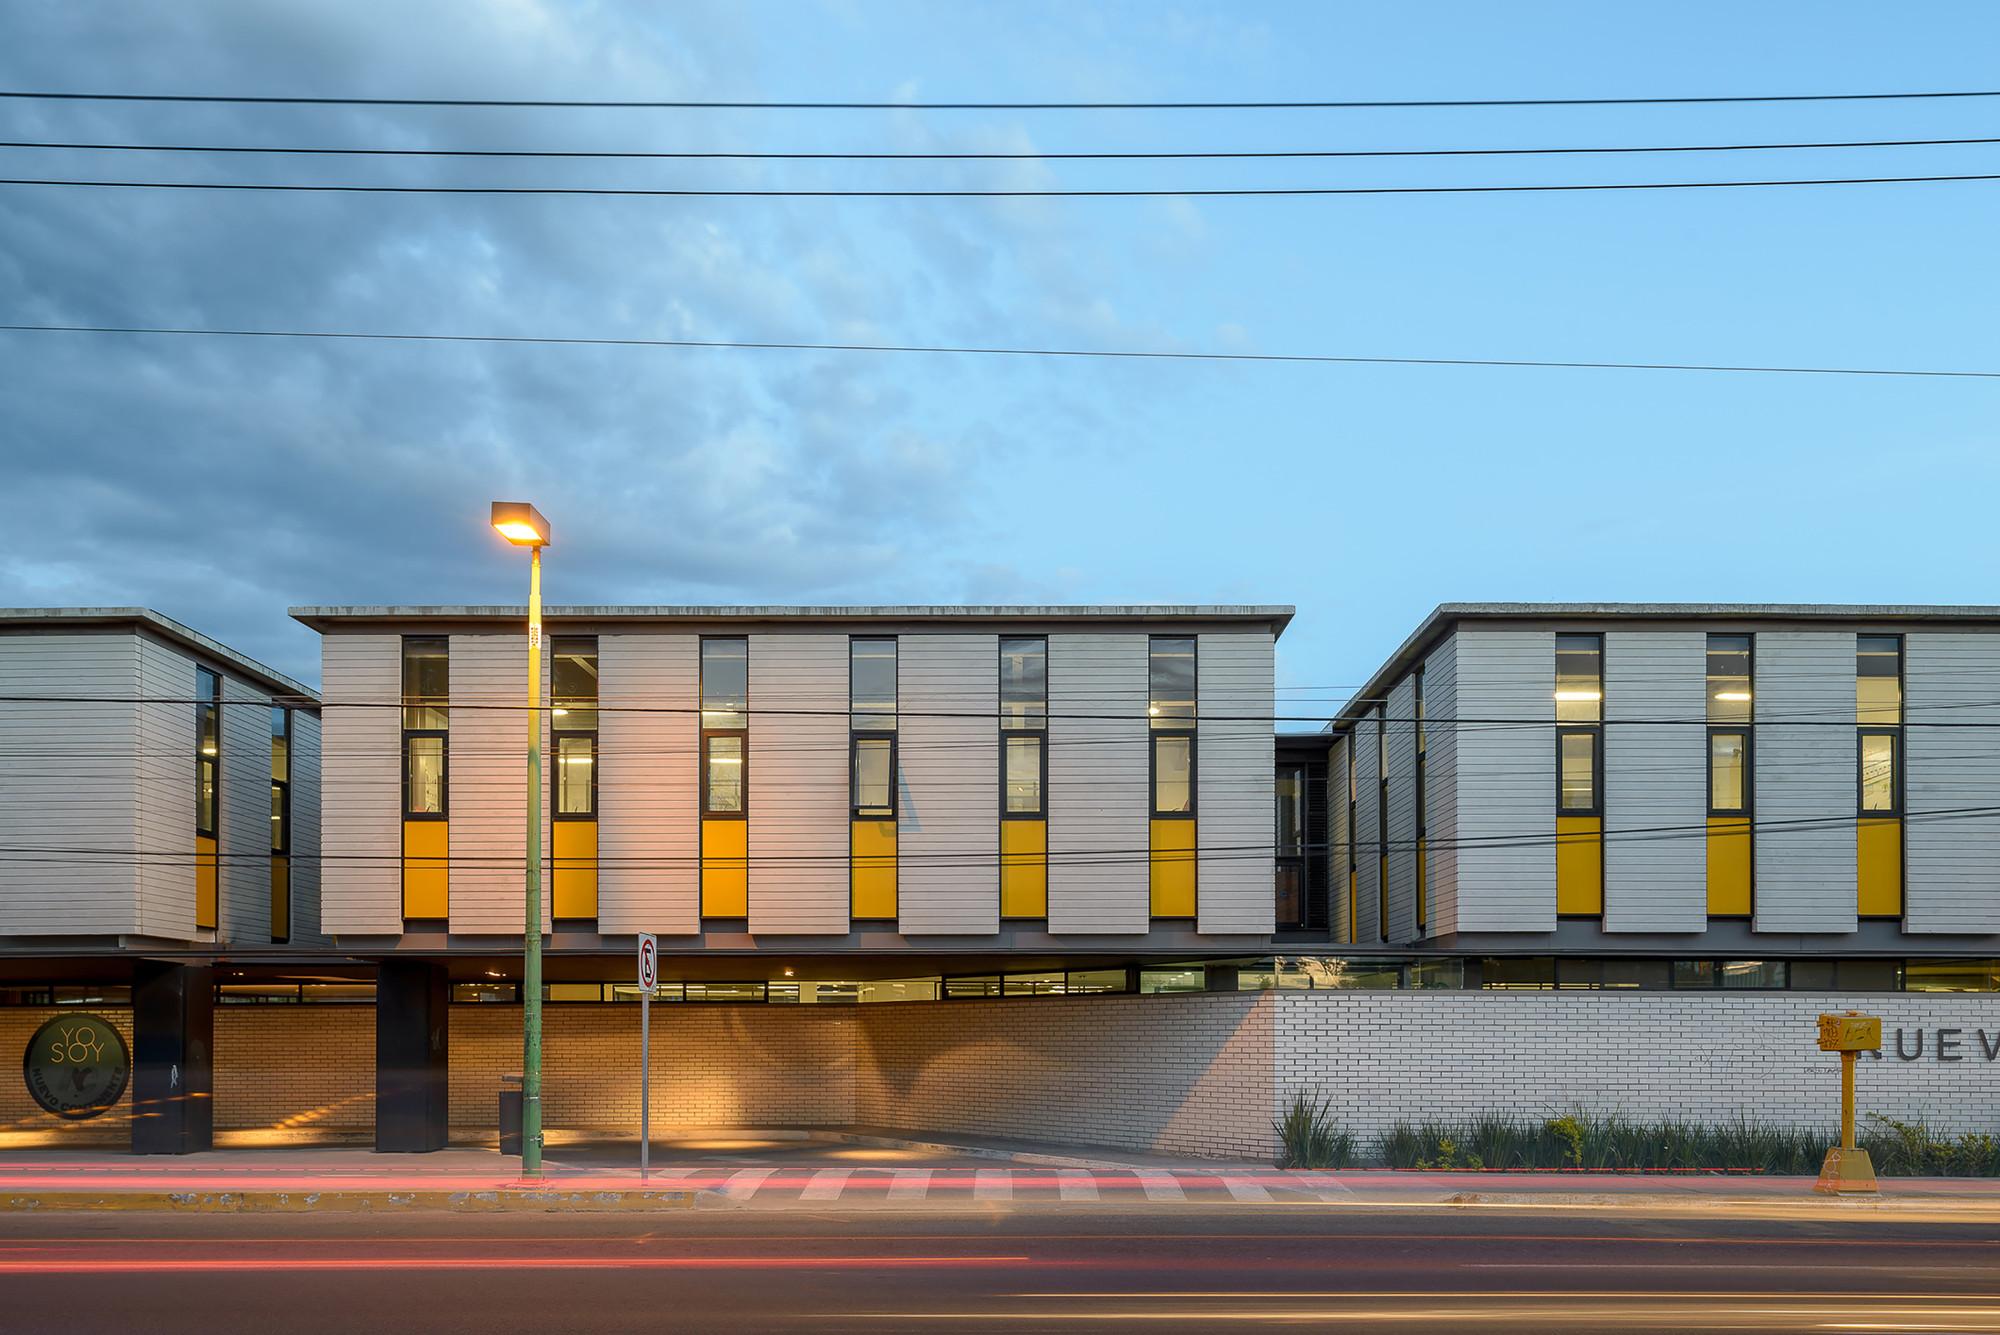 Pre-School Building / Miguel Montor, © Moritz Bernoully